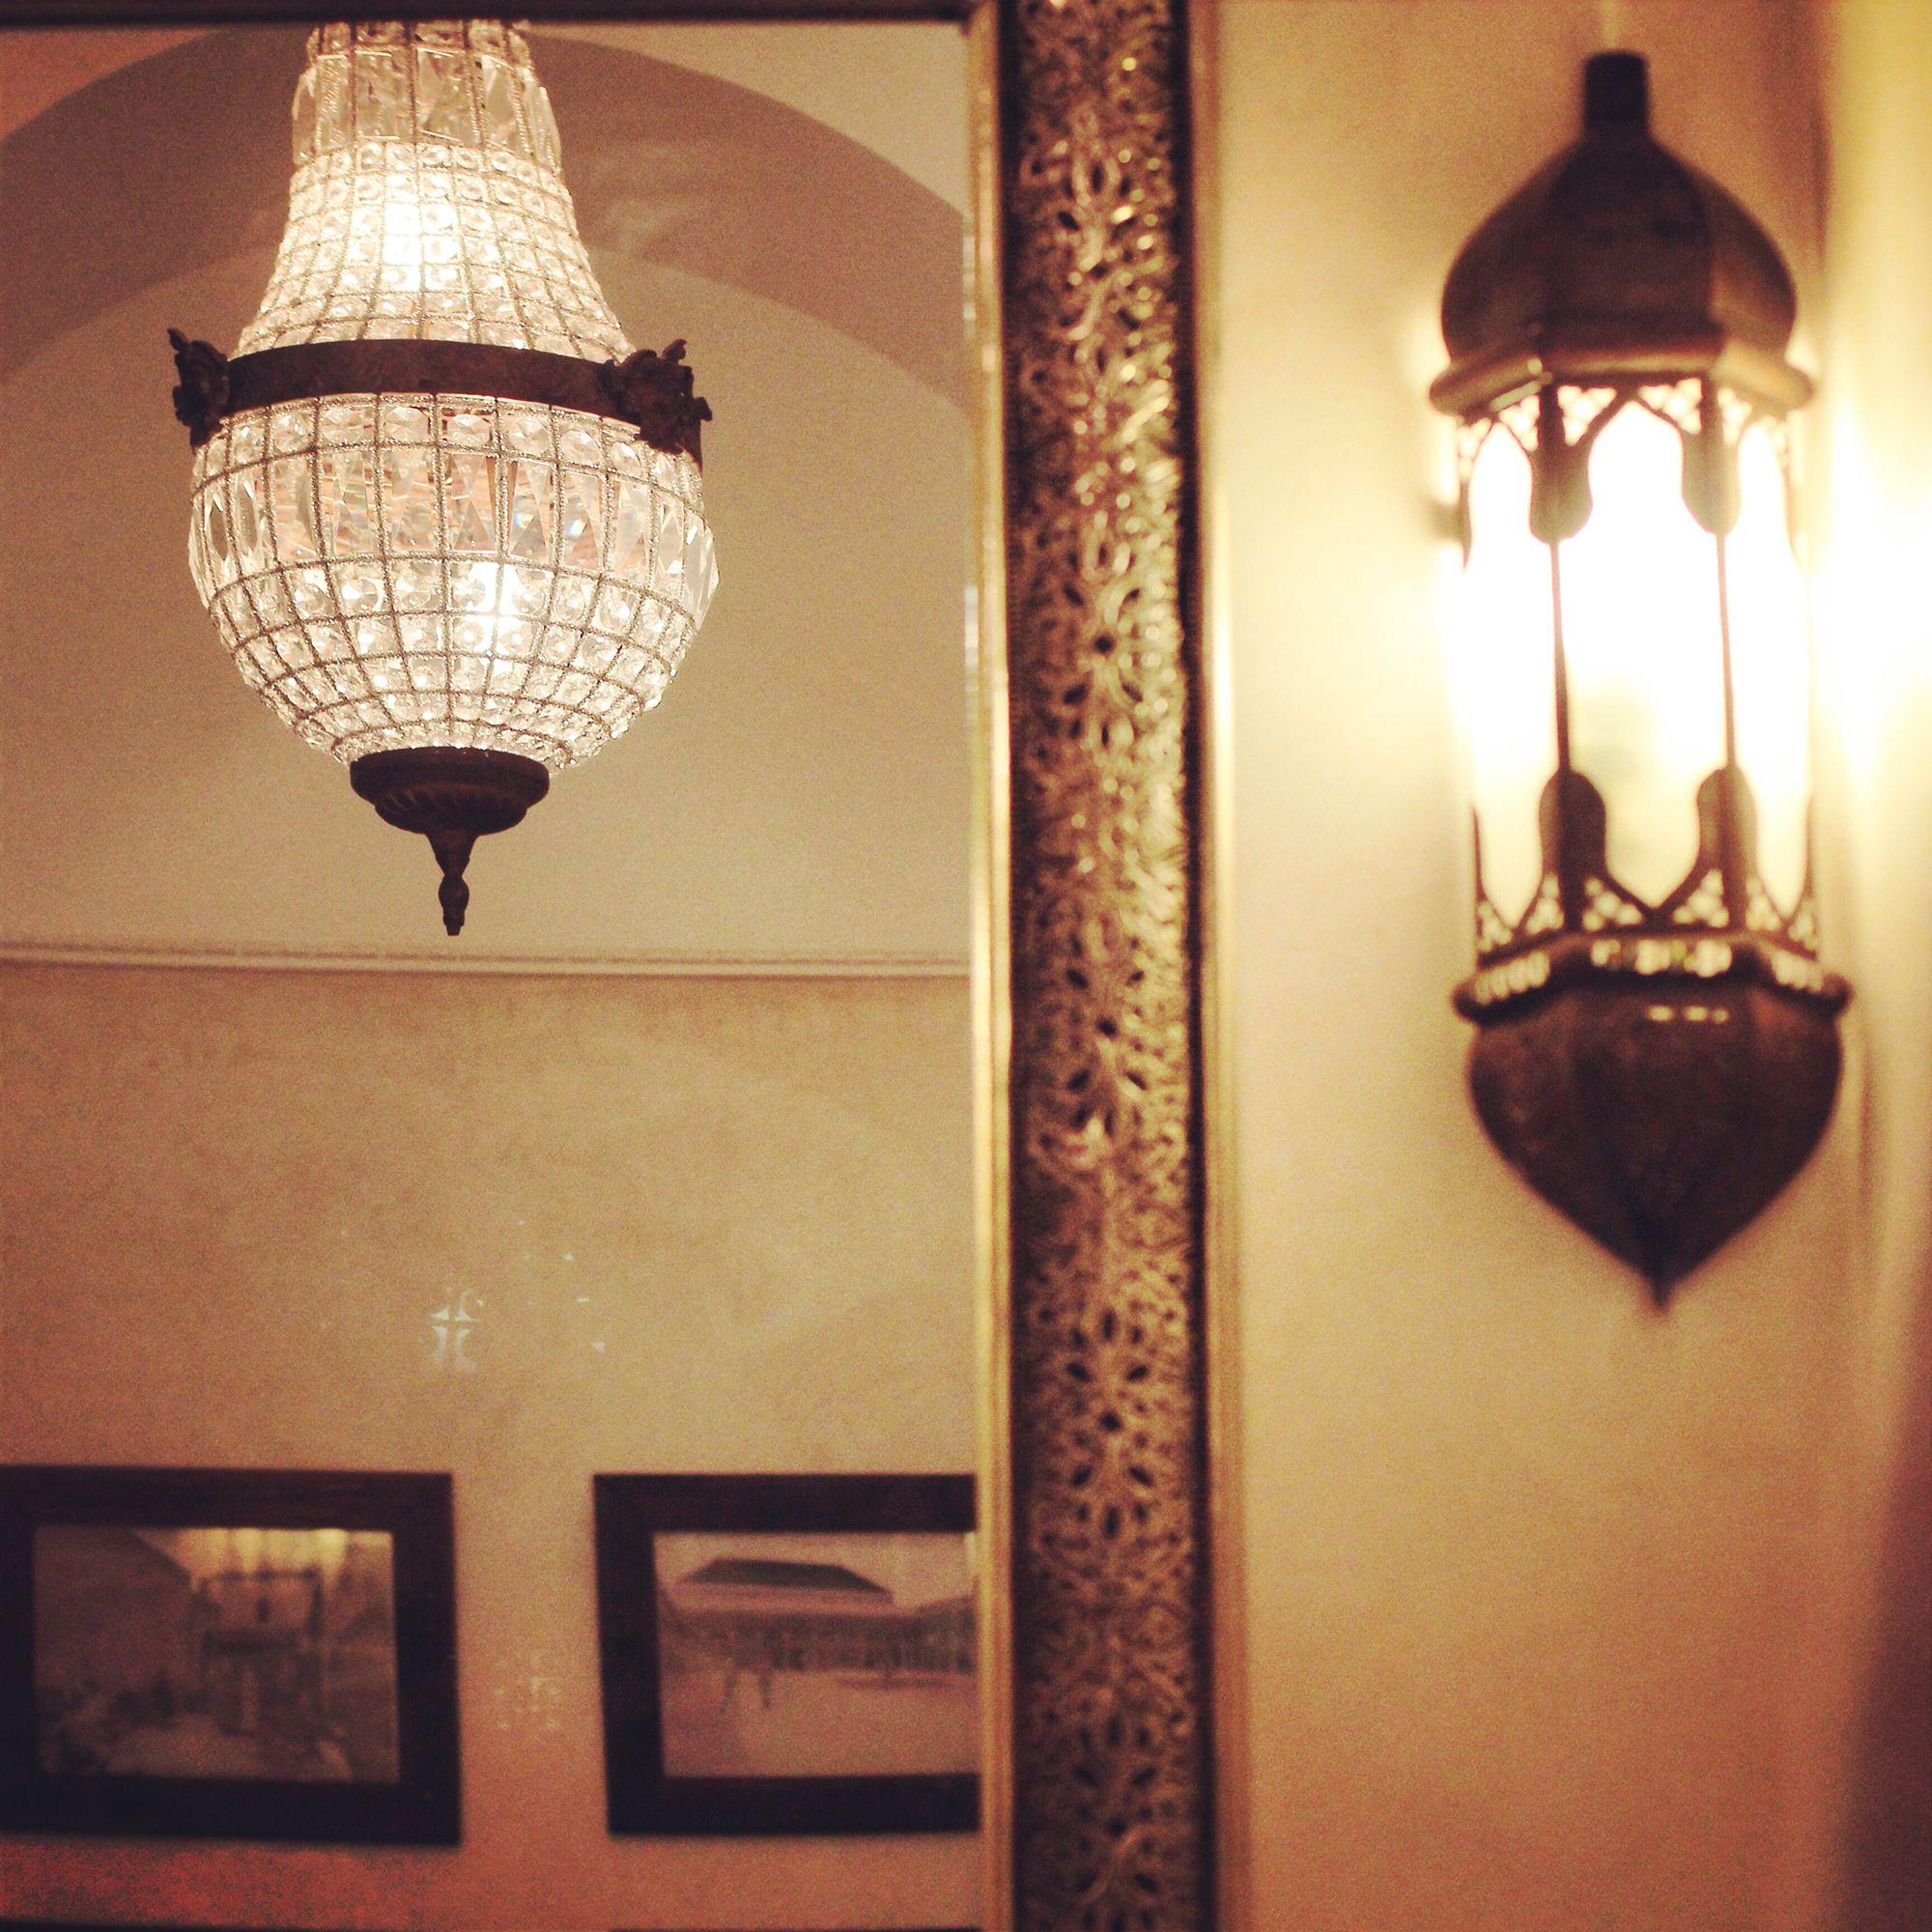 Riad Palacio de las Especias - Marrakech - Medina www.palaciodelasespecias.com - Baño de la suite BAB DOUKKALA